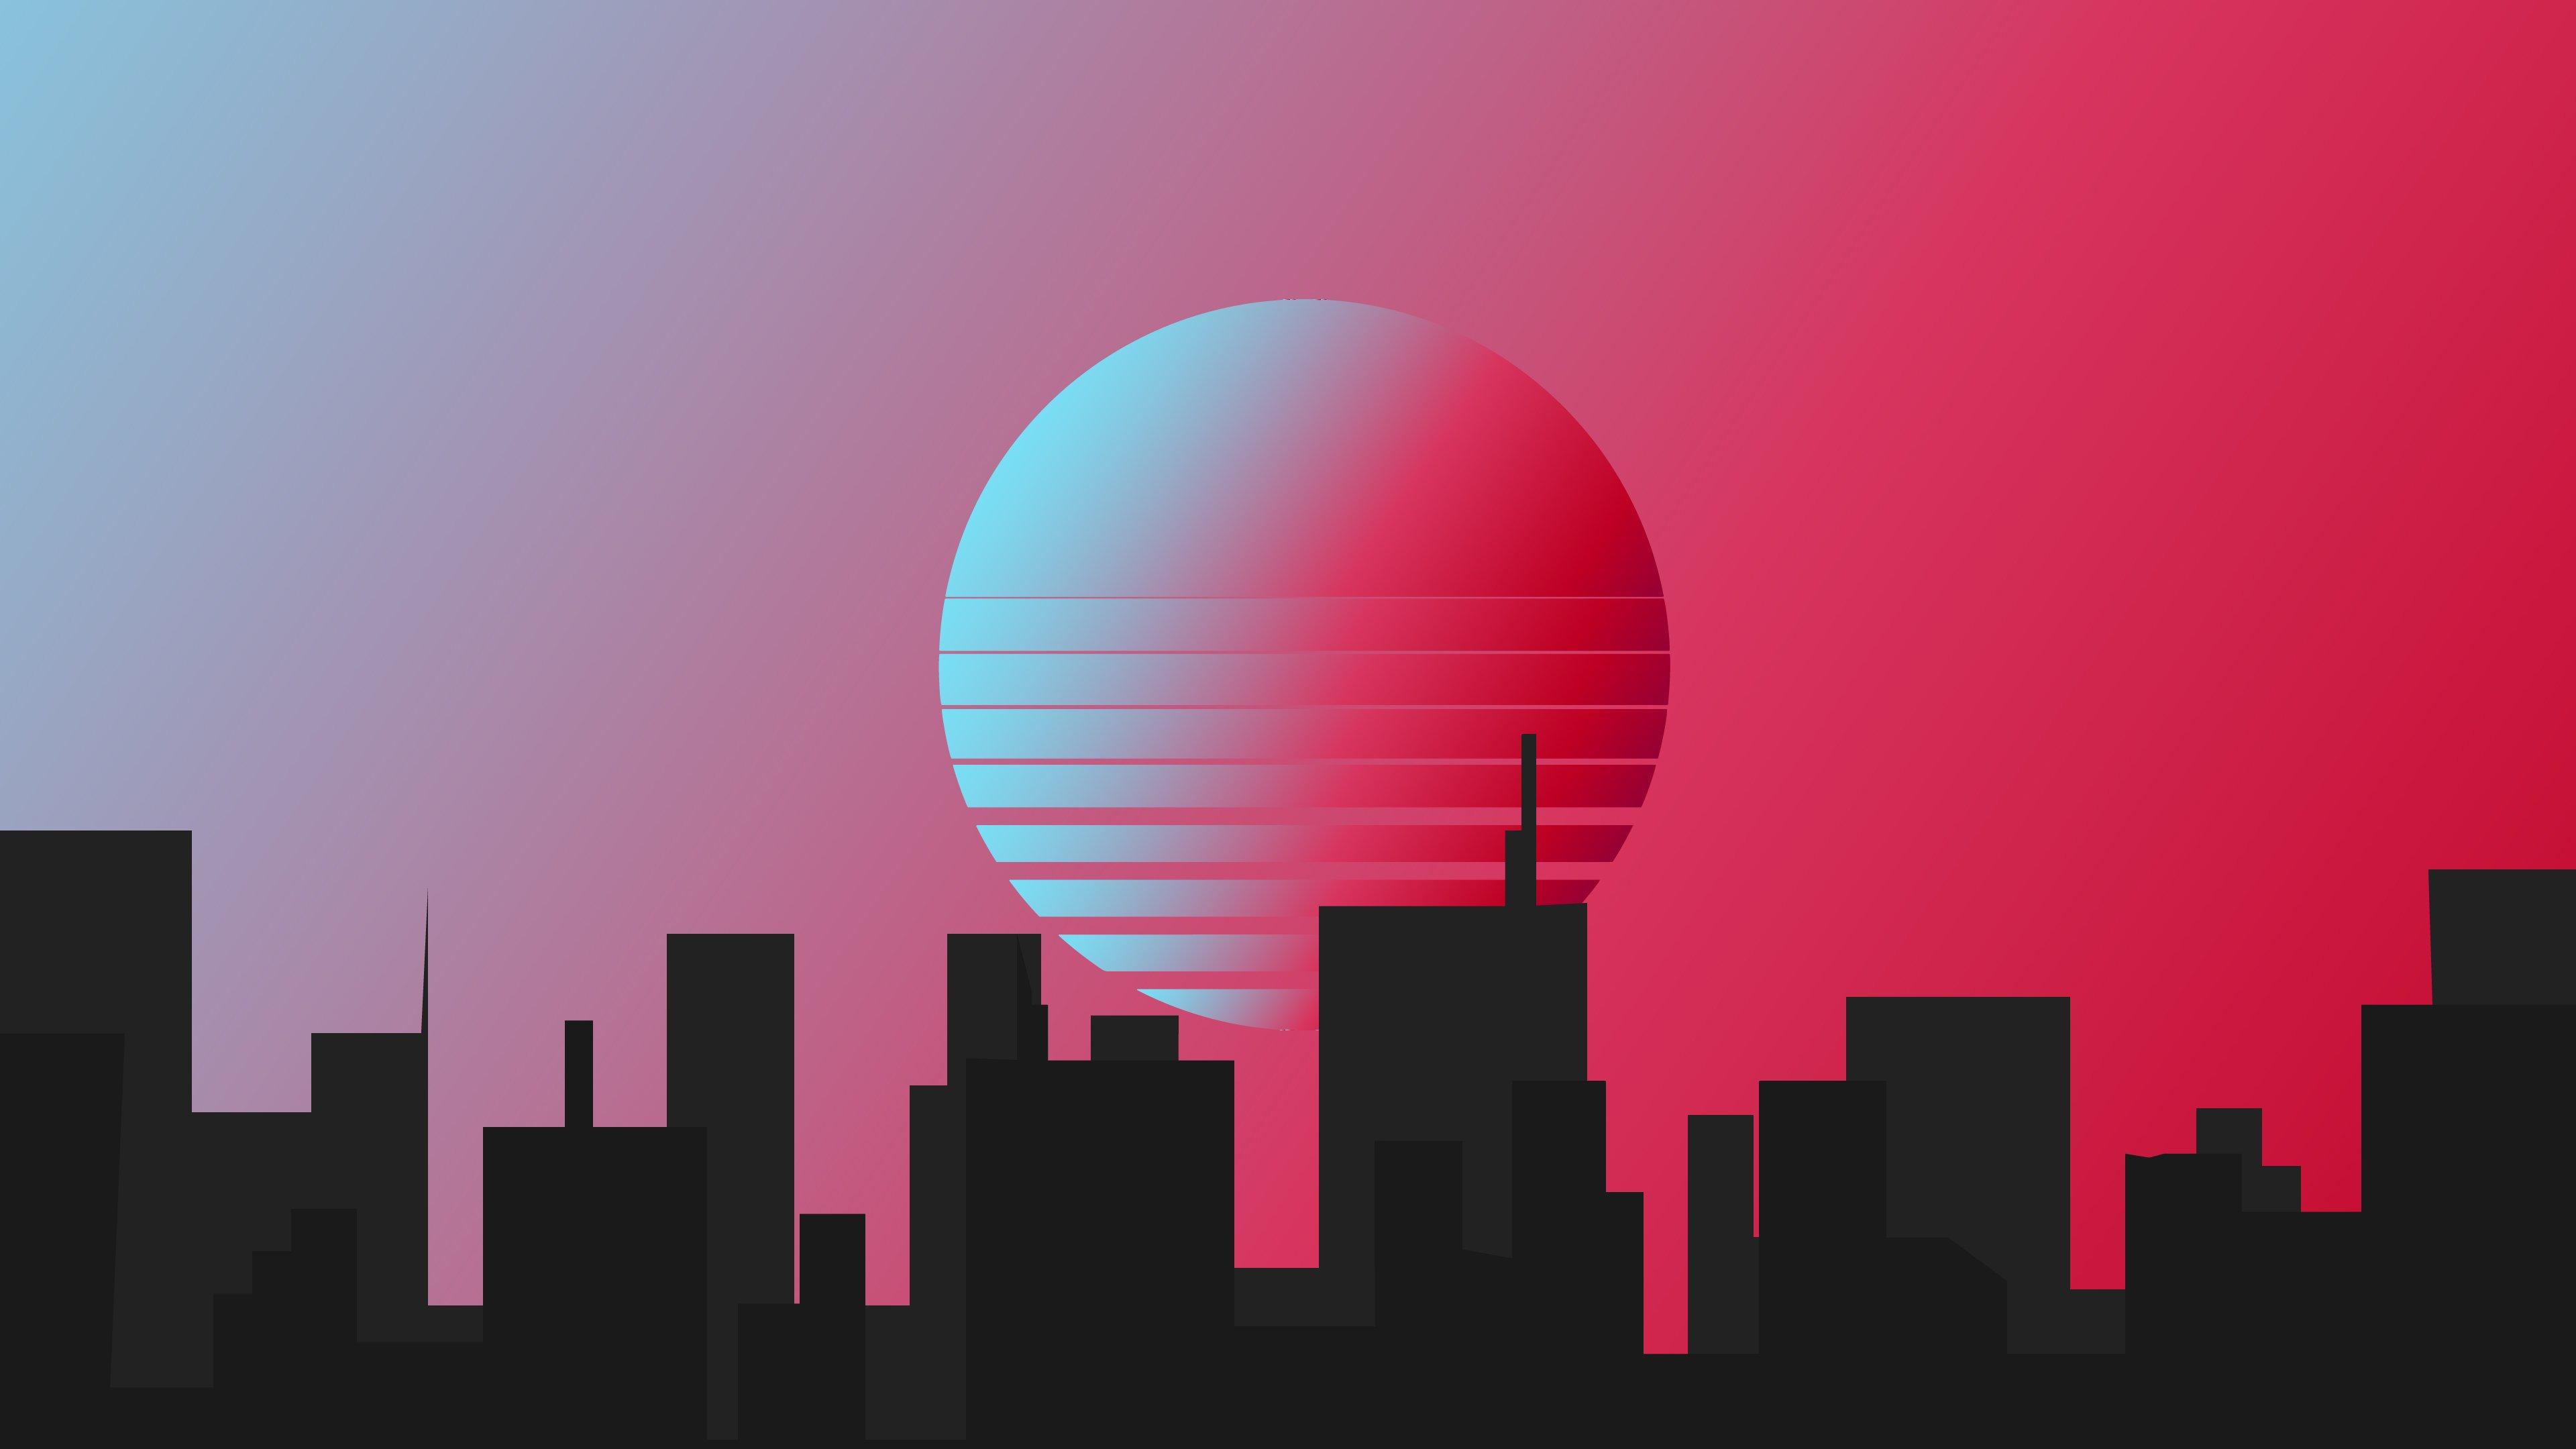 Fondos de pantalla Ciudad estilo retro minimalista